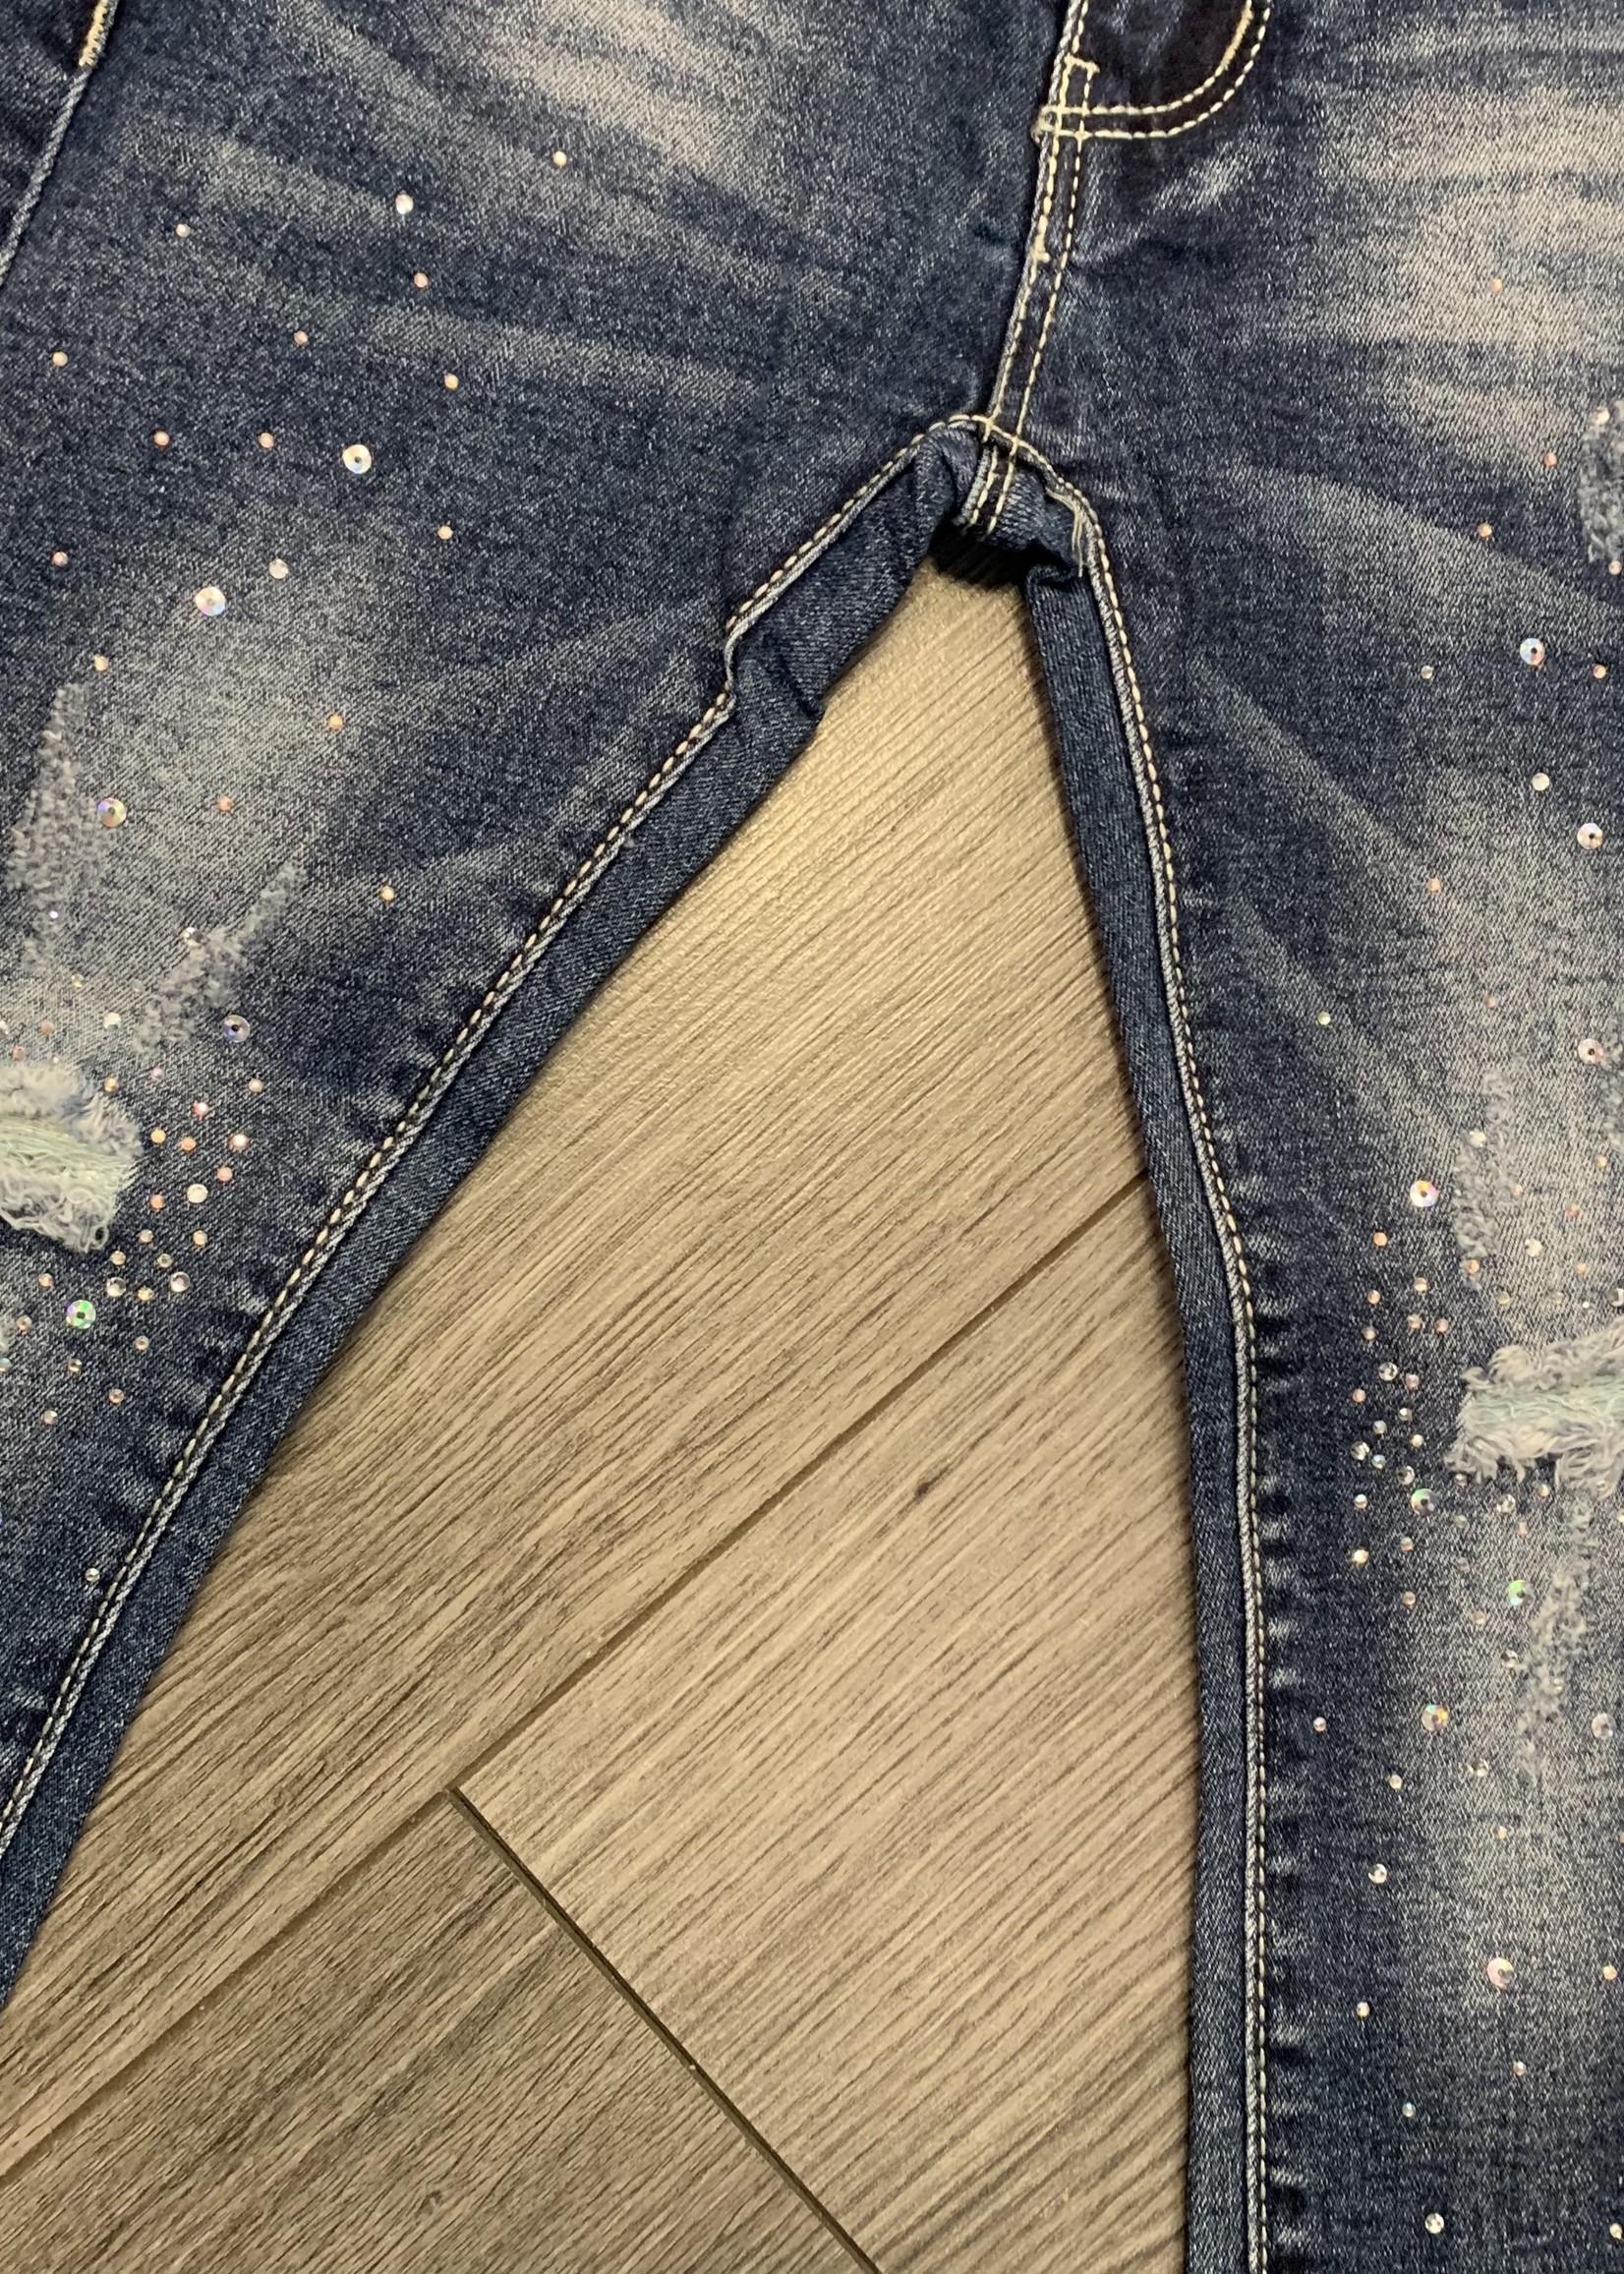 Divanis Divanis donkere spijkerbroek met steentjes